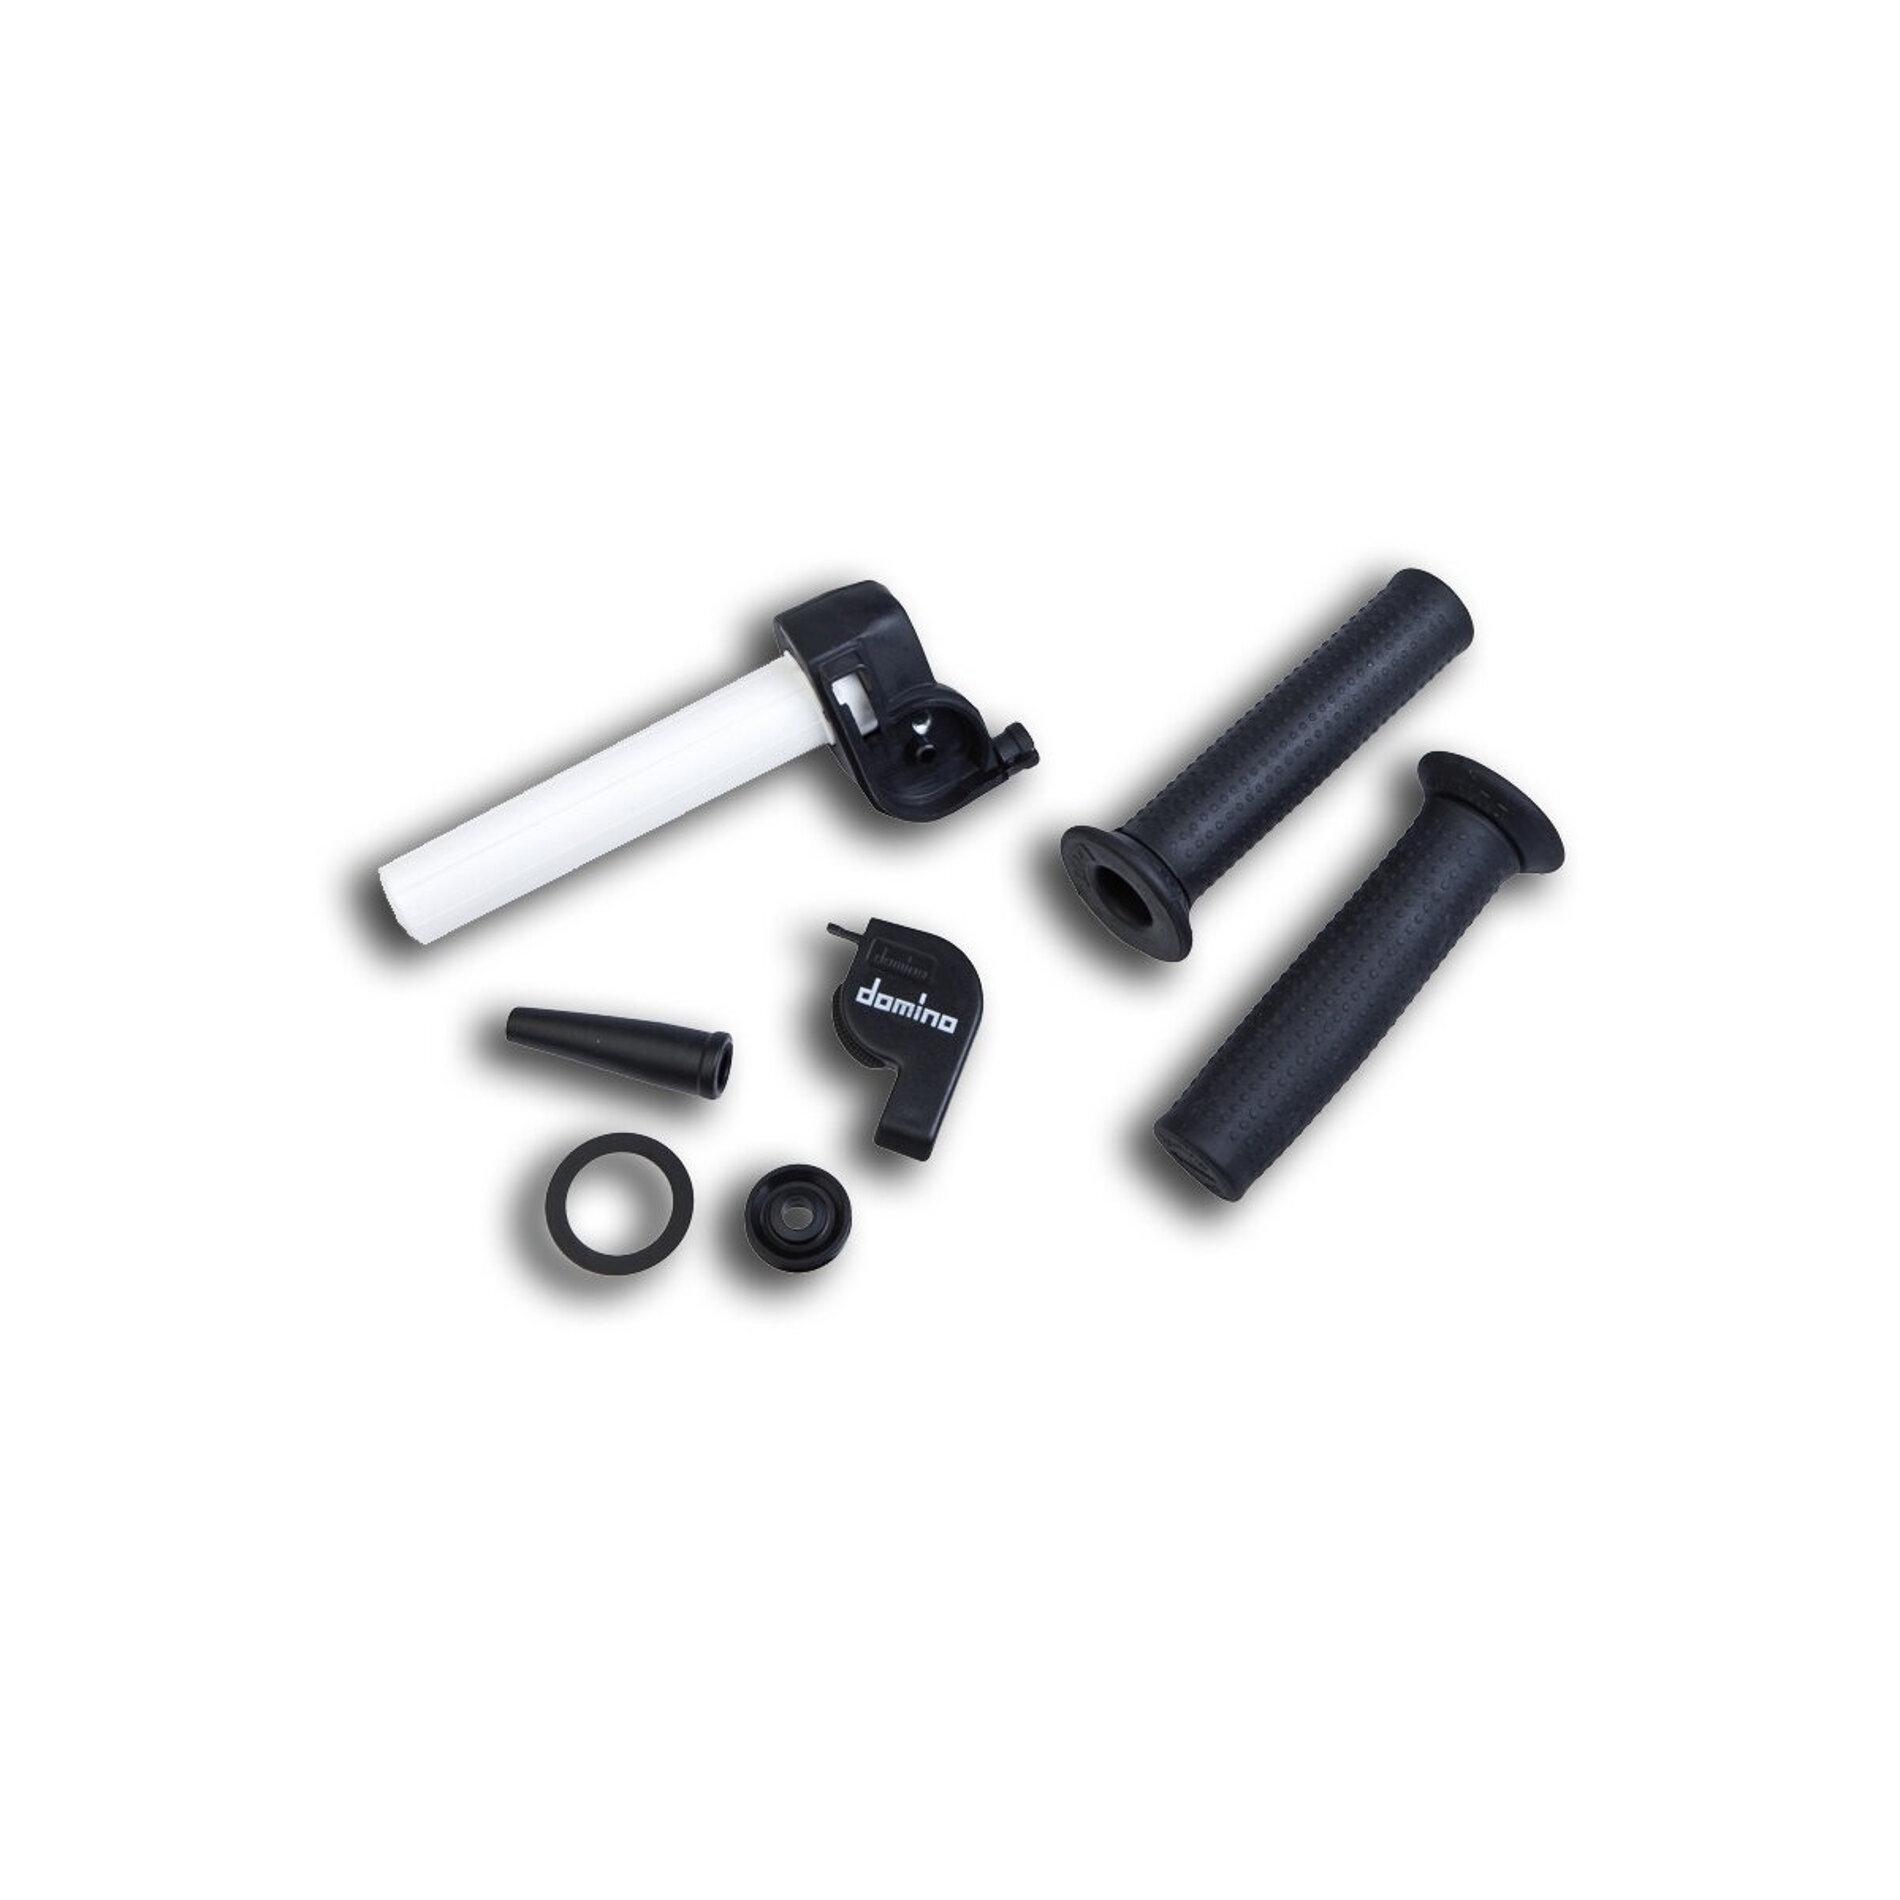 Poignée de gaz Domino rapido 28 mm 96 avec revêtement